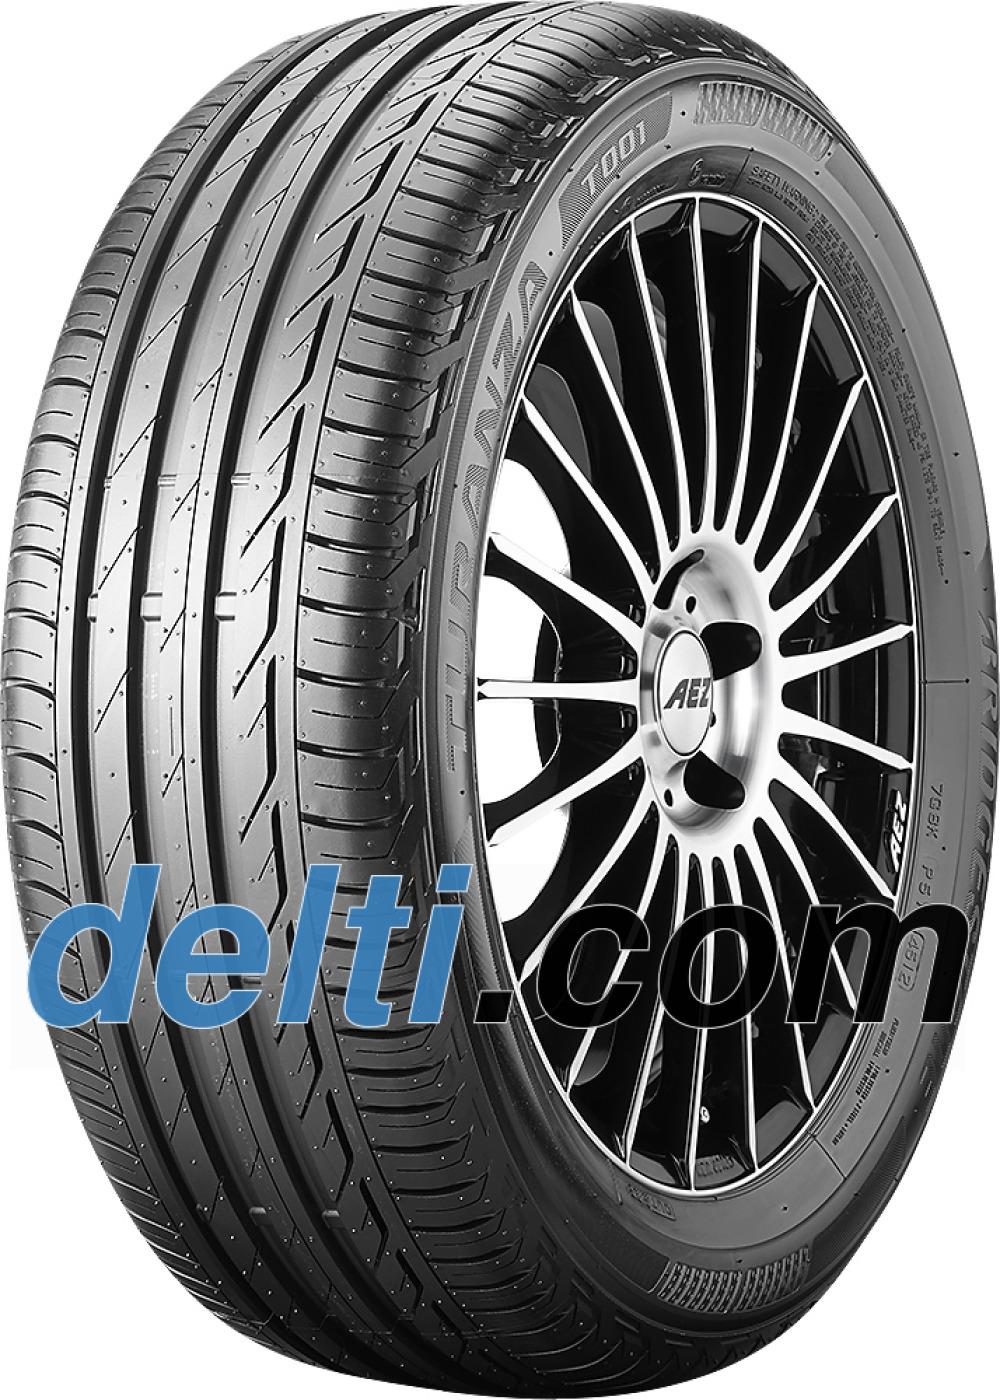 Bridgestone Turanza T001 ( 225/55 R17 97W *, vannesuojalla (MFS) )